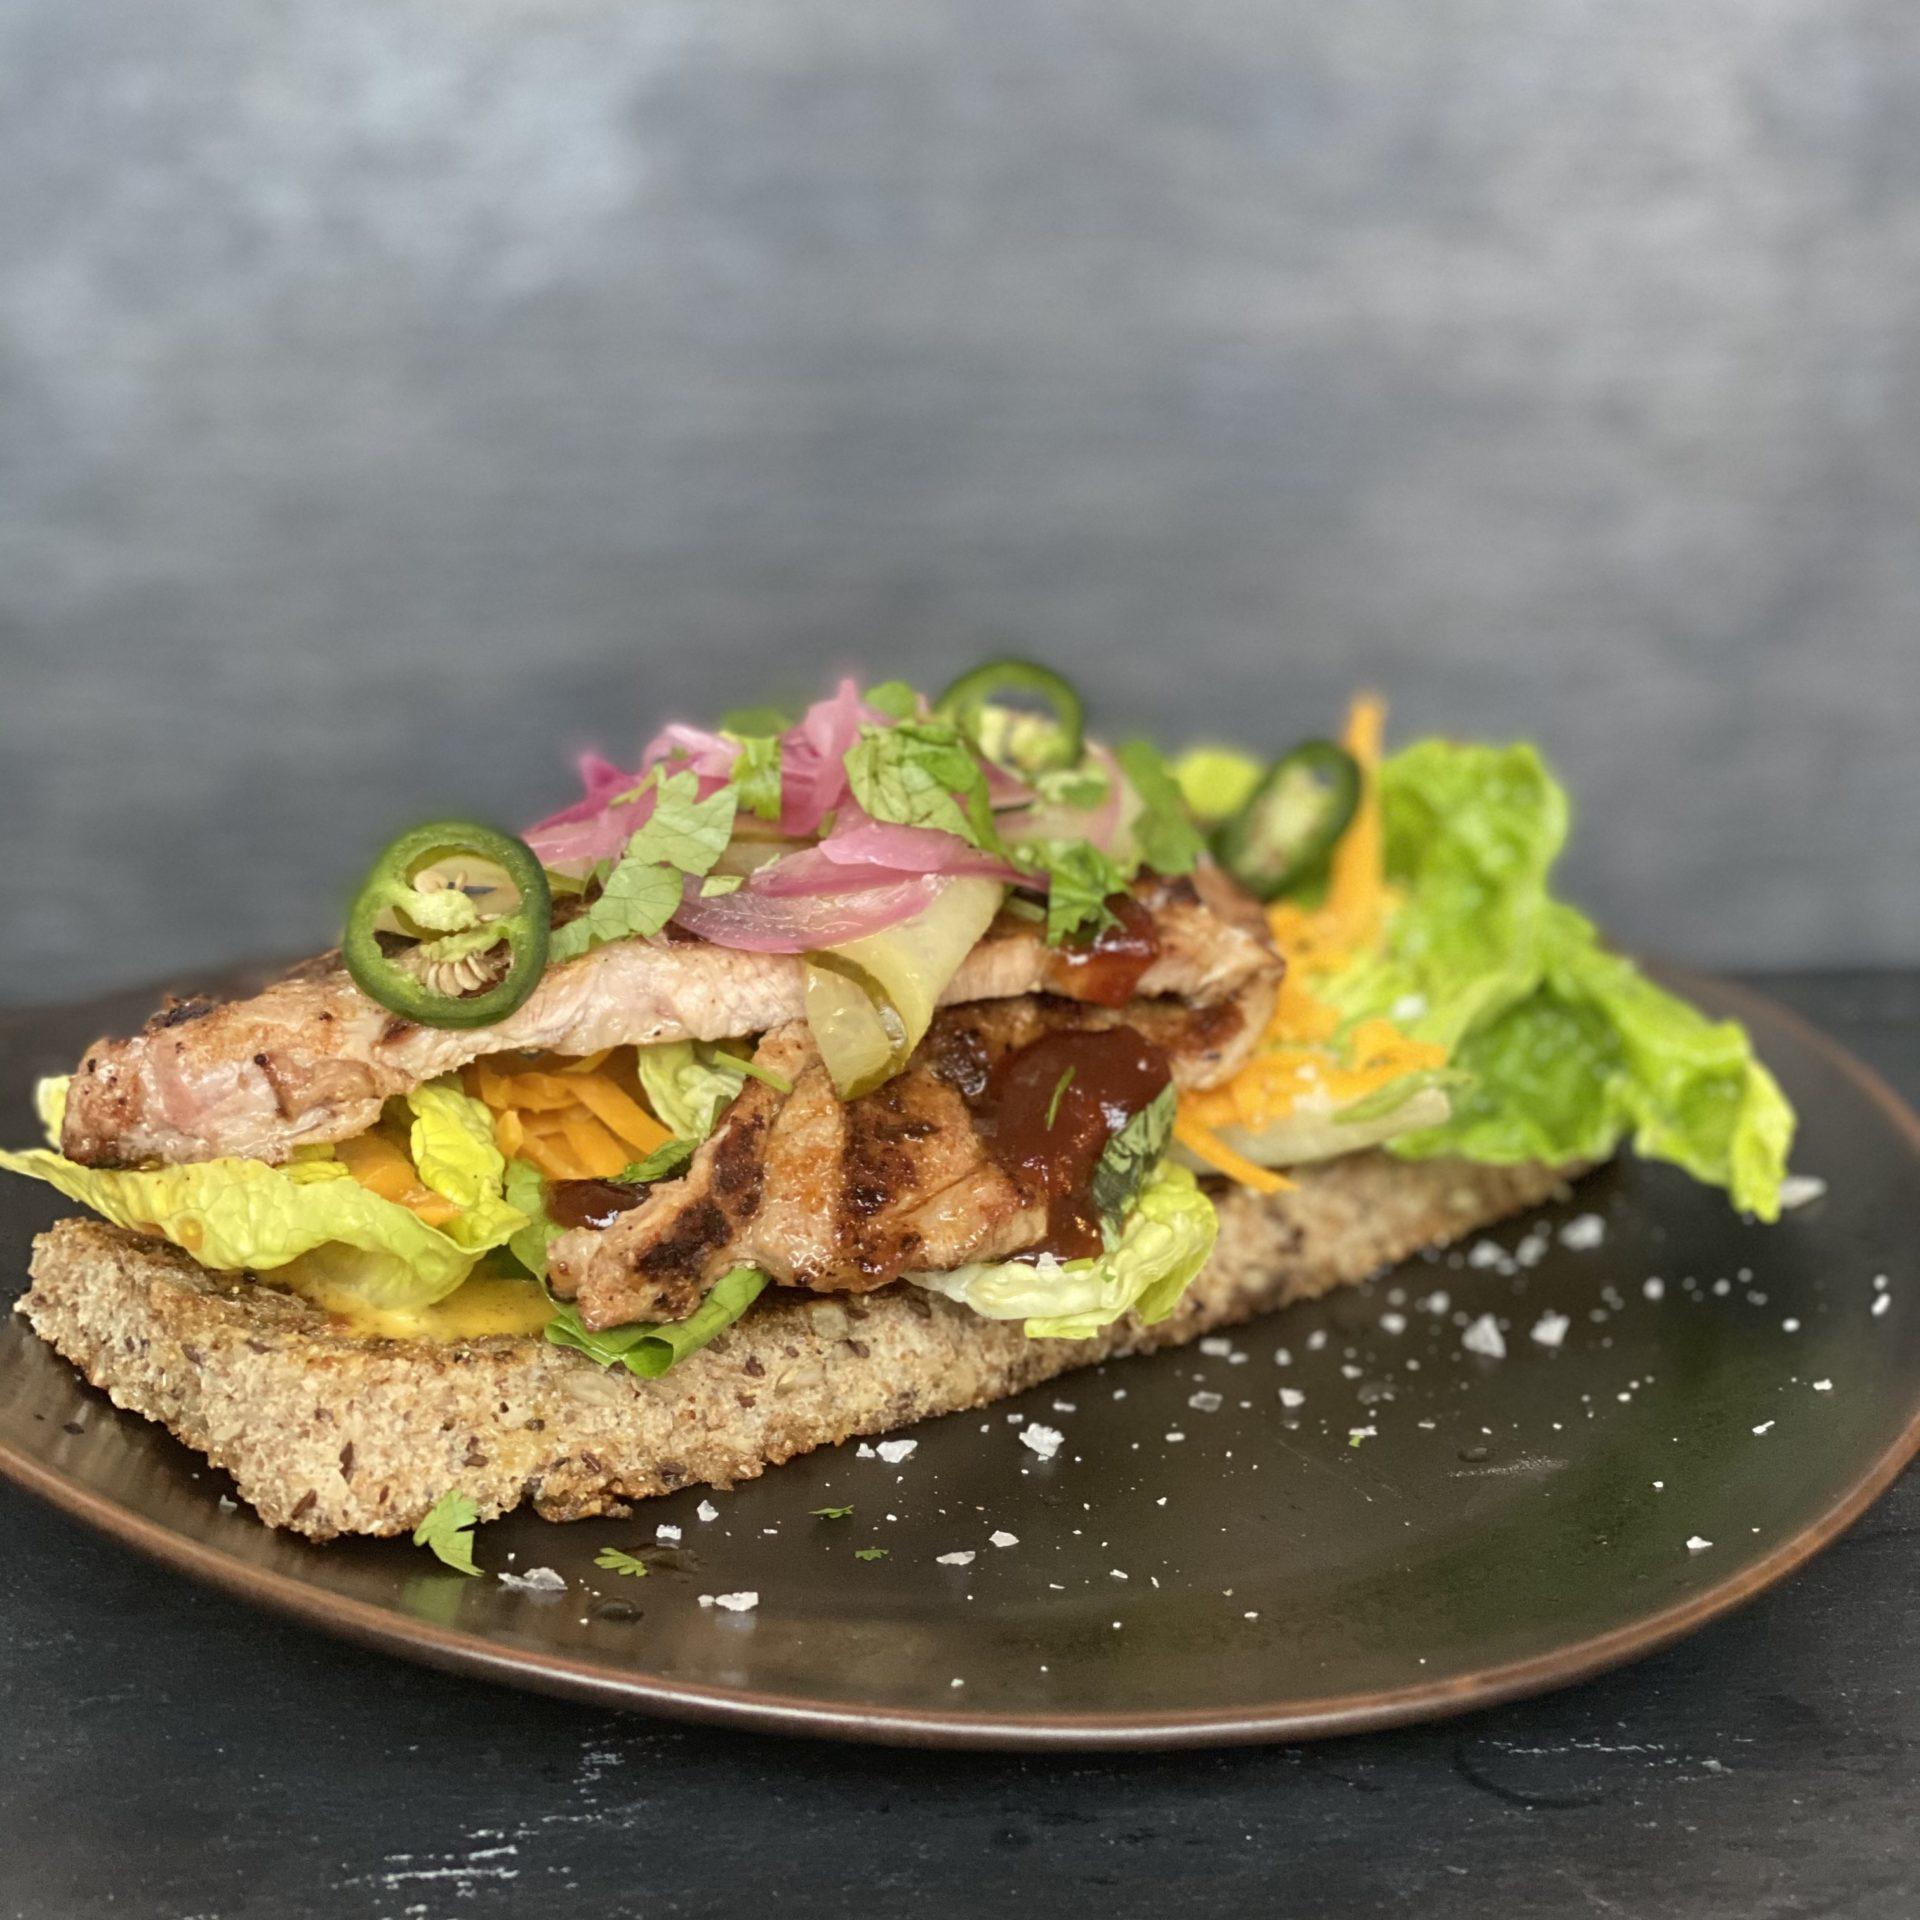 fcc-porc sandwich